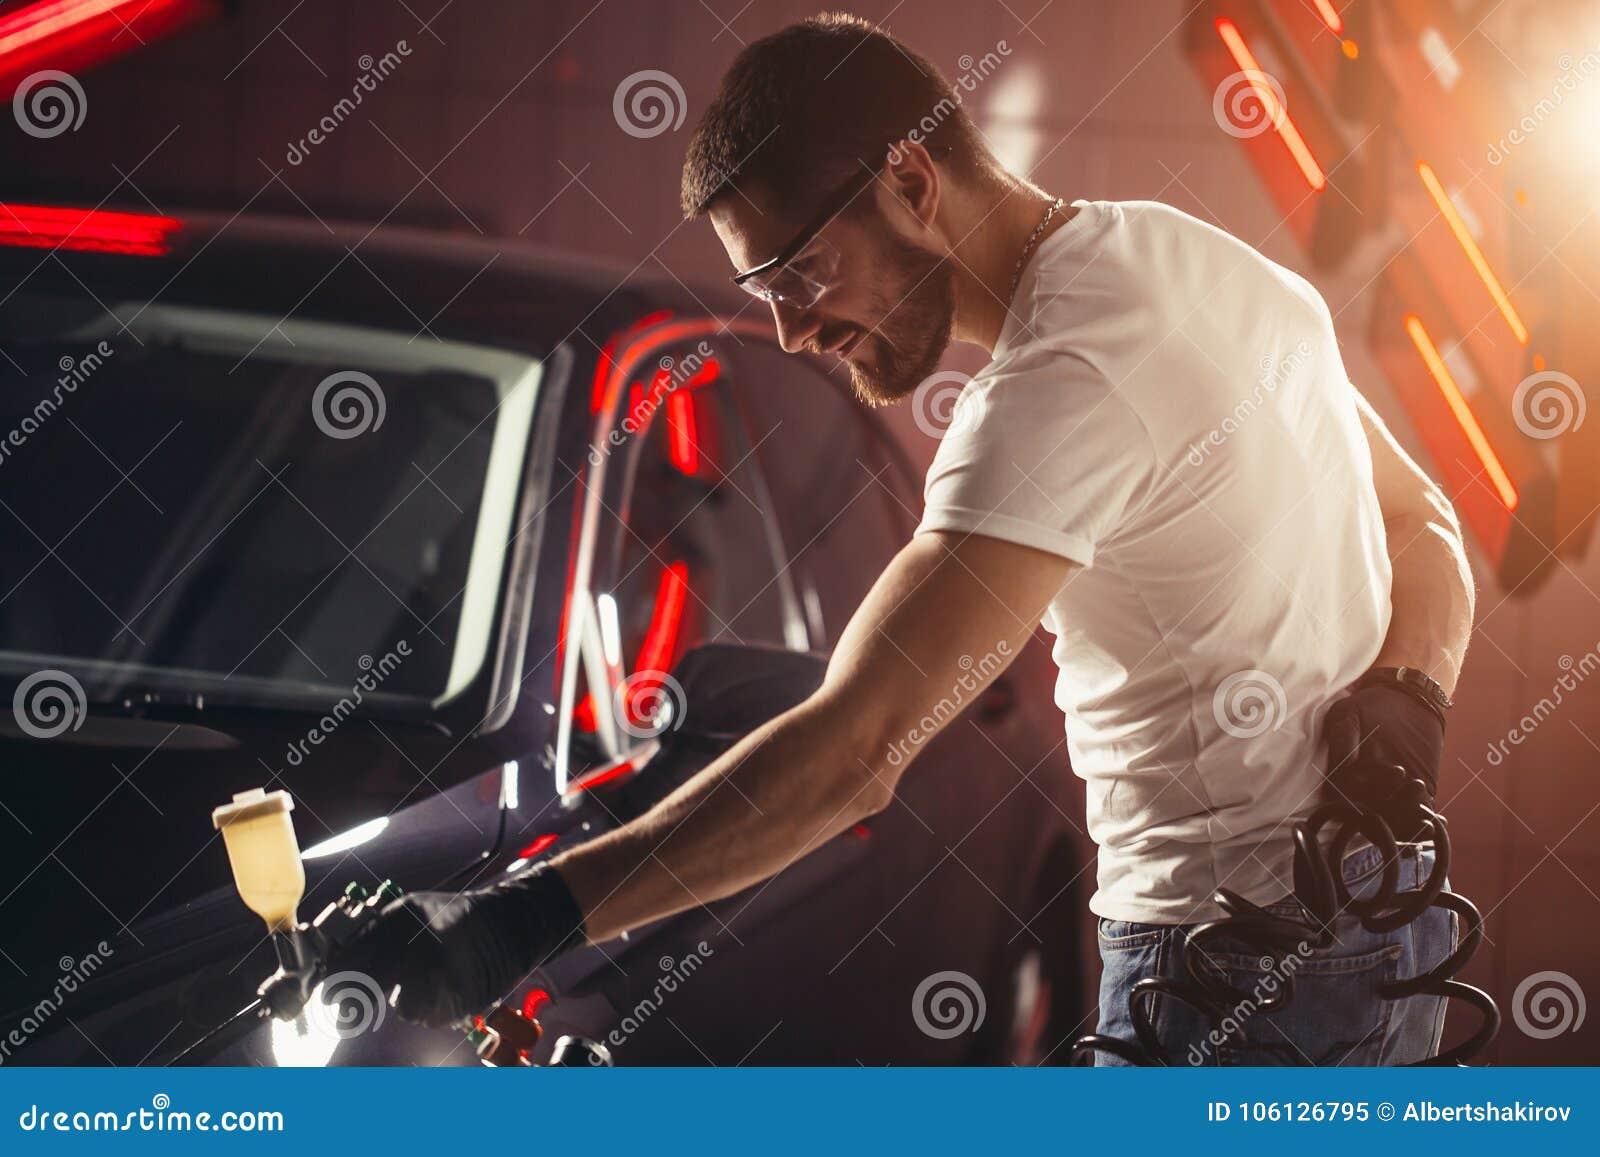 洗车和涂层事务与陶瓷涂层 对汽车的喷洒的油漆